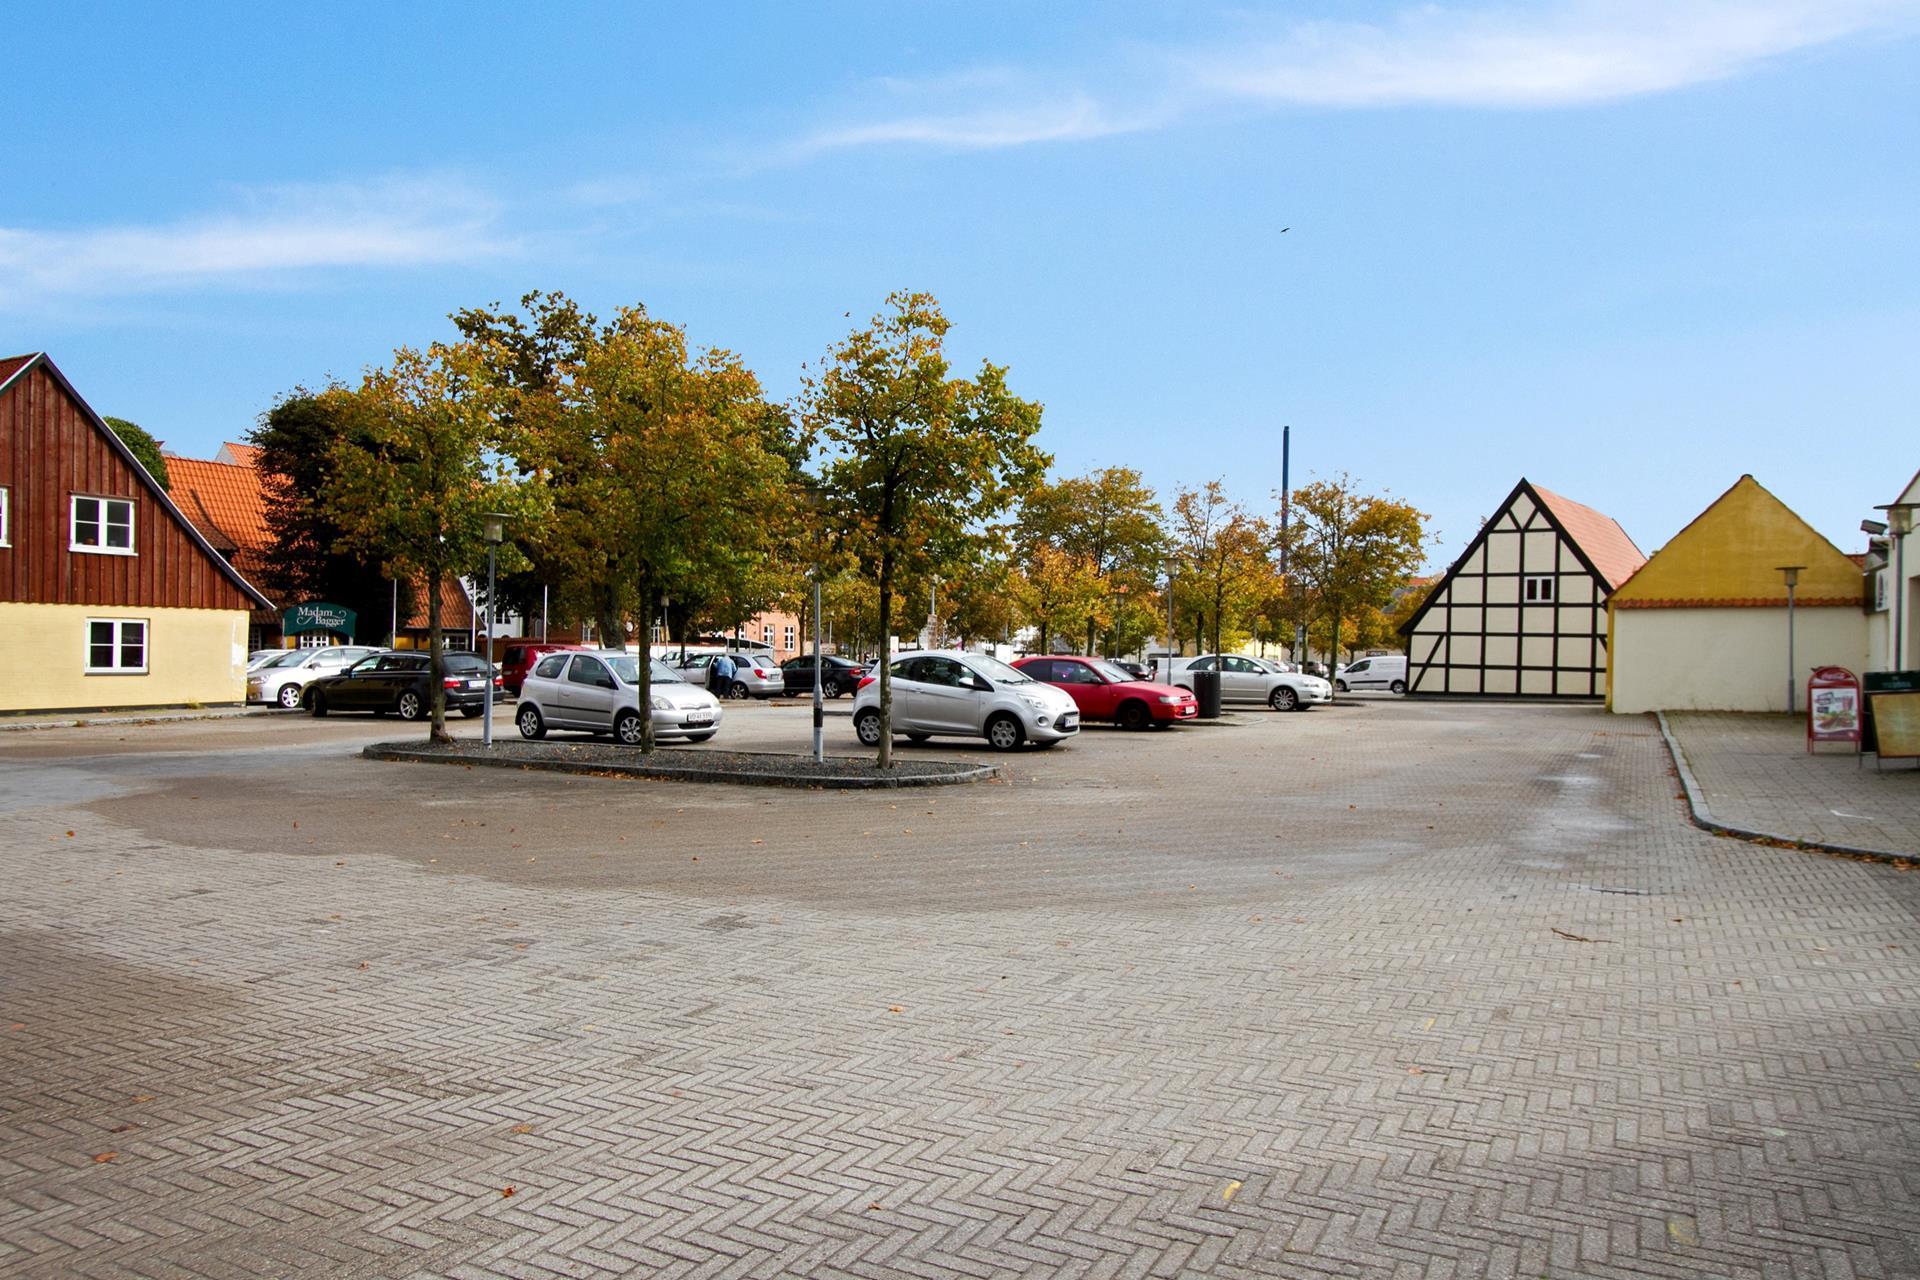 Bolig/erhverv på Algade i Korsør - Parkeringsplads